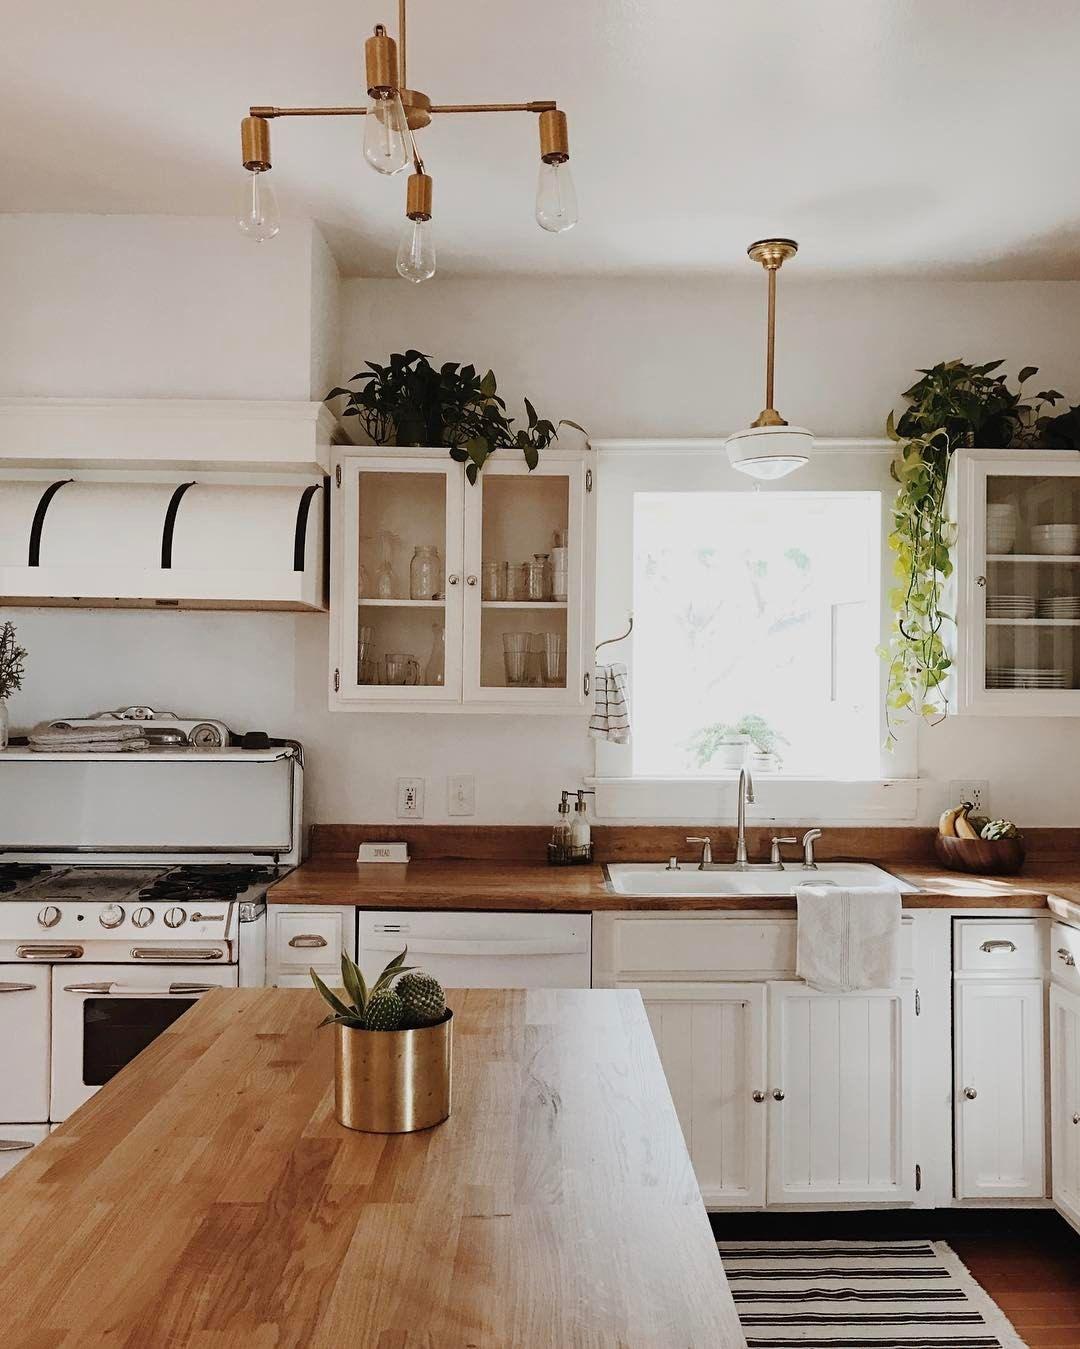 Dreamy | Kitchens | Pinterest | Küche, Erste wohnung und Wohnideen